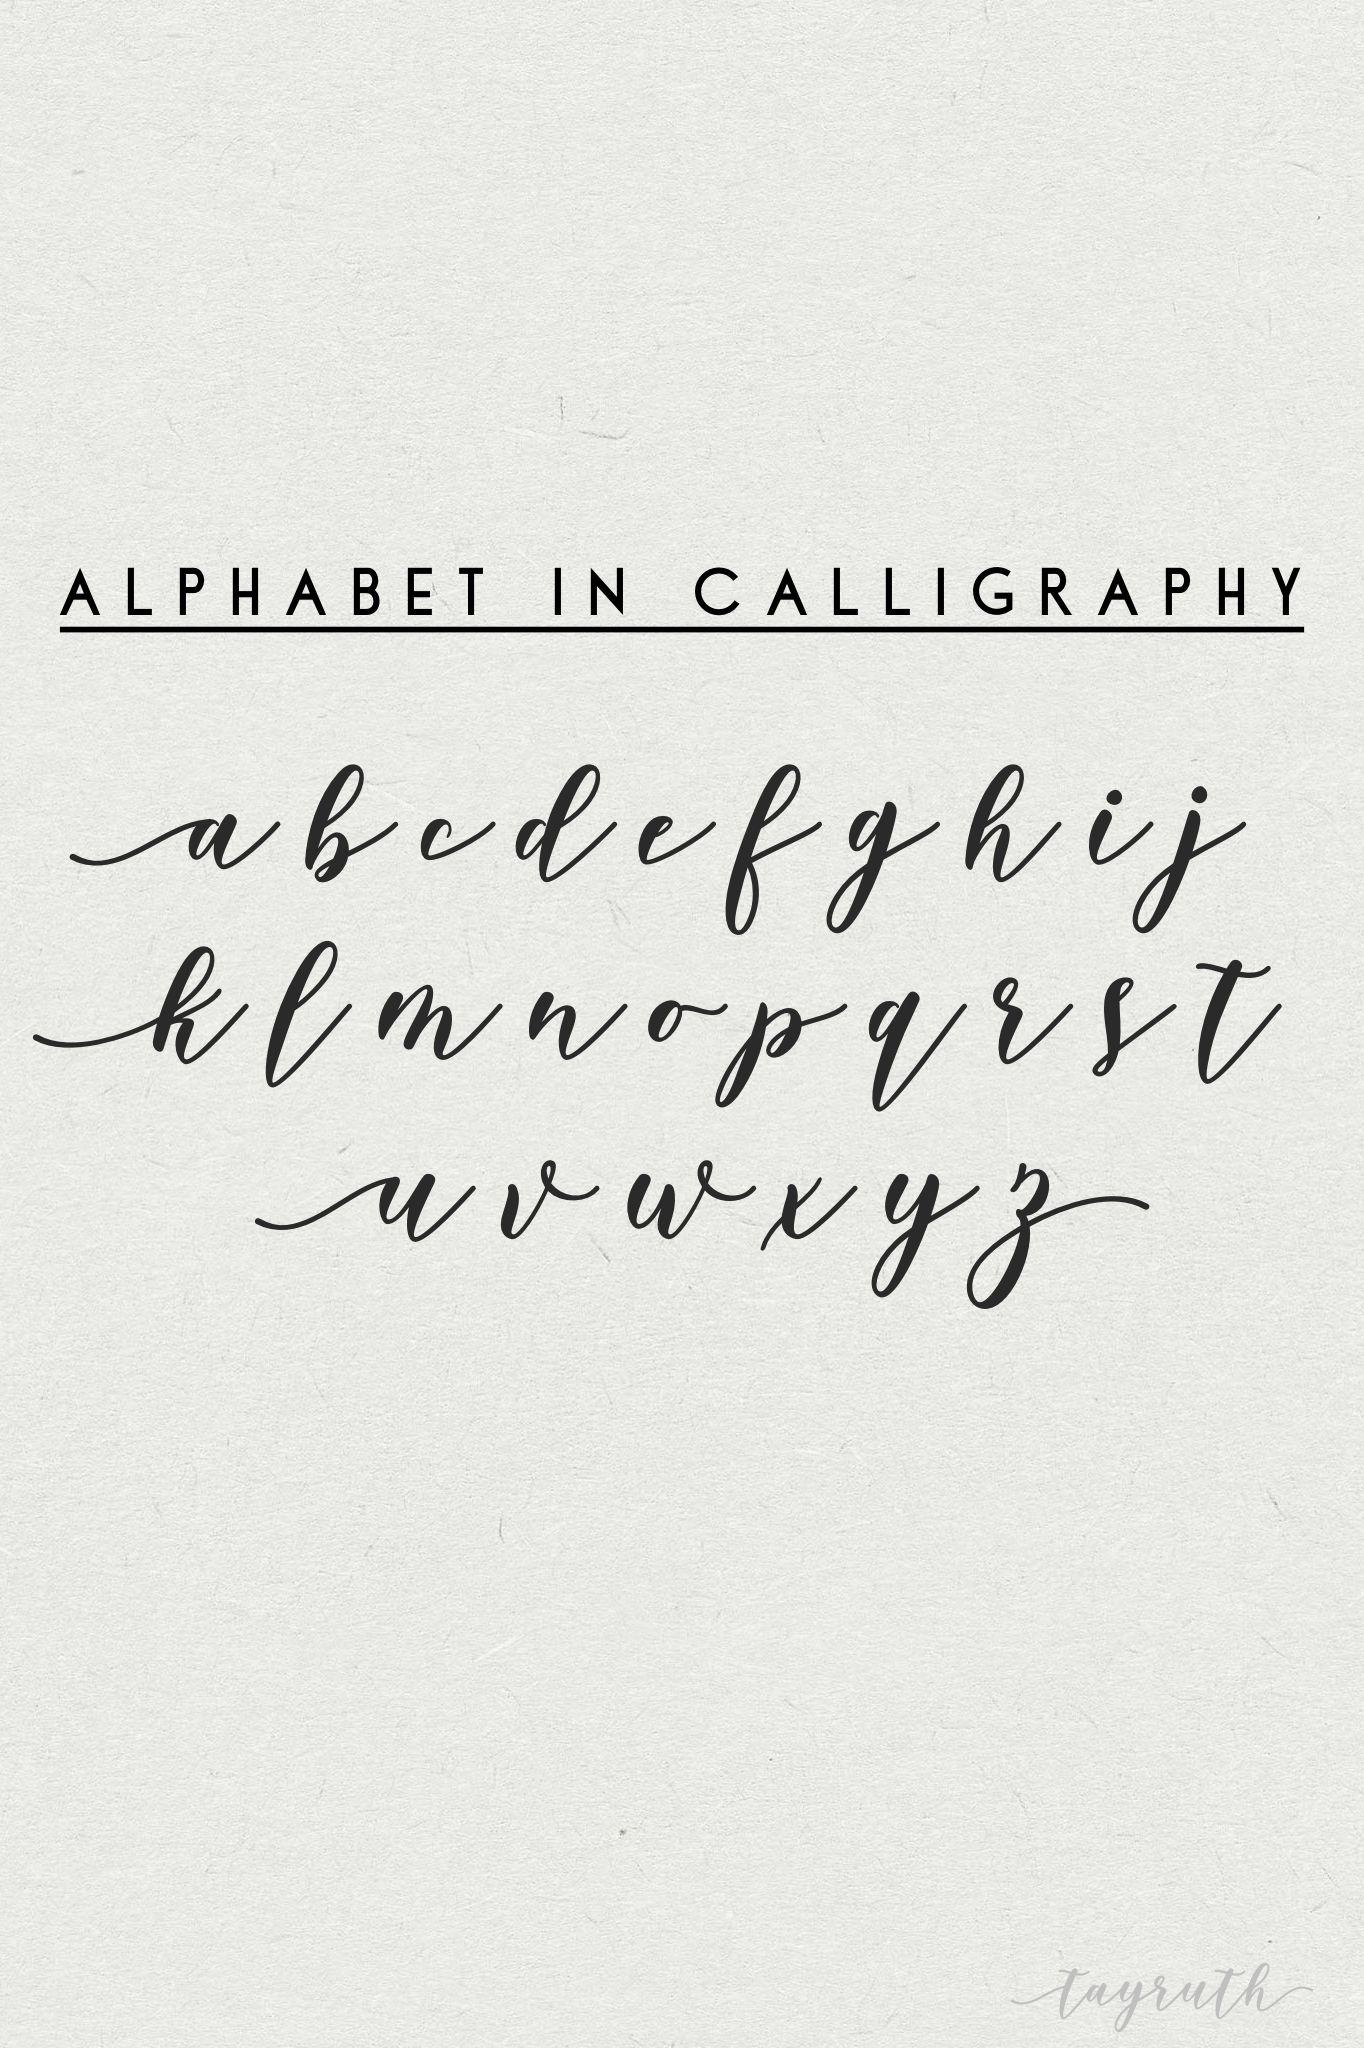 Practicing Calligraphy Alphabet Alphabetactivities Calligraphy